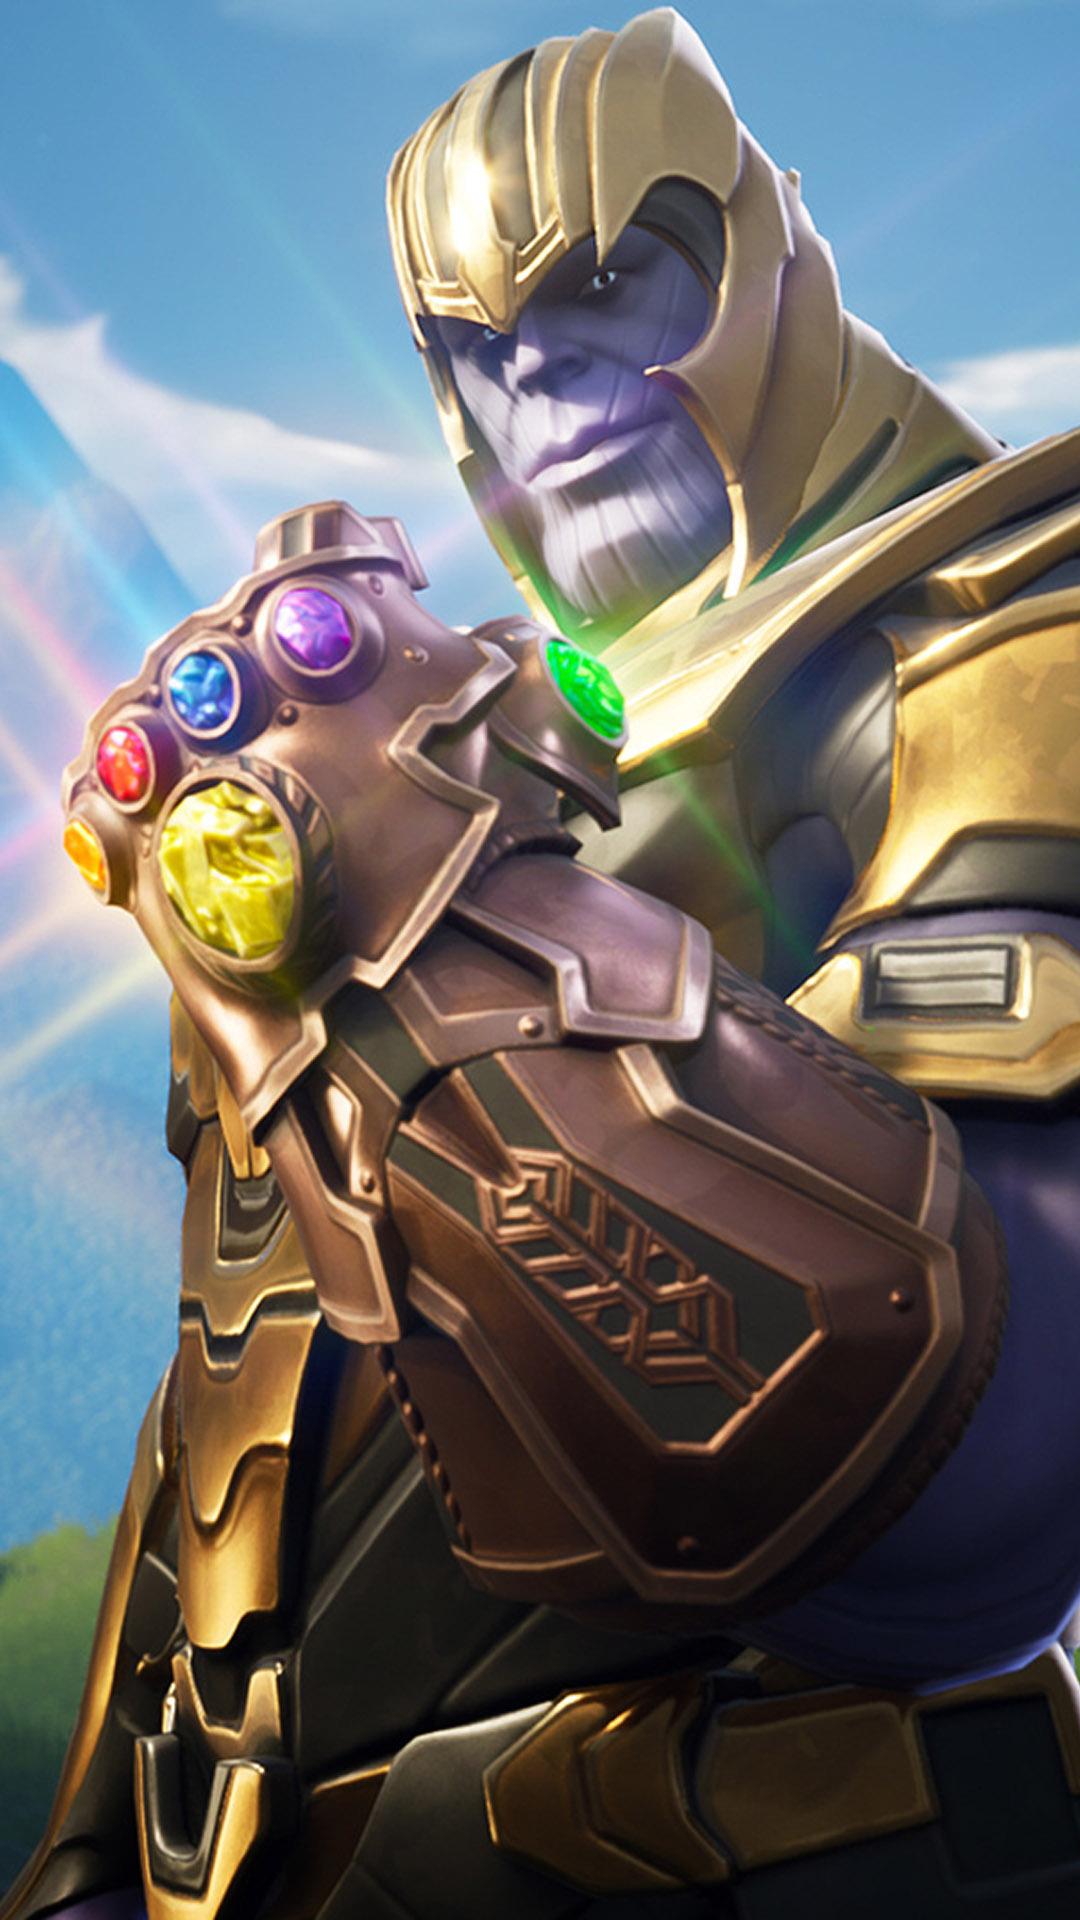 Thanos In Fortnite Battle Royale 4k Ultra Hd Mobile Wallpaper